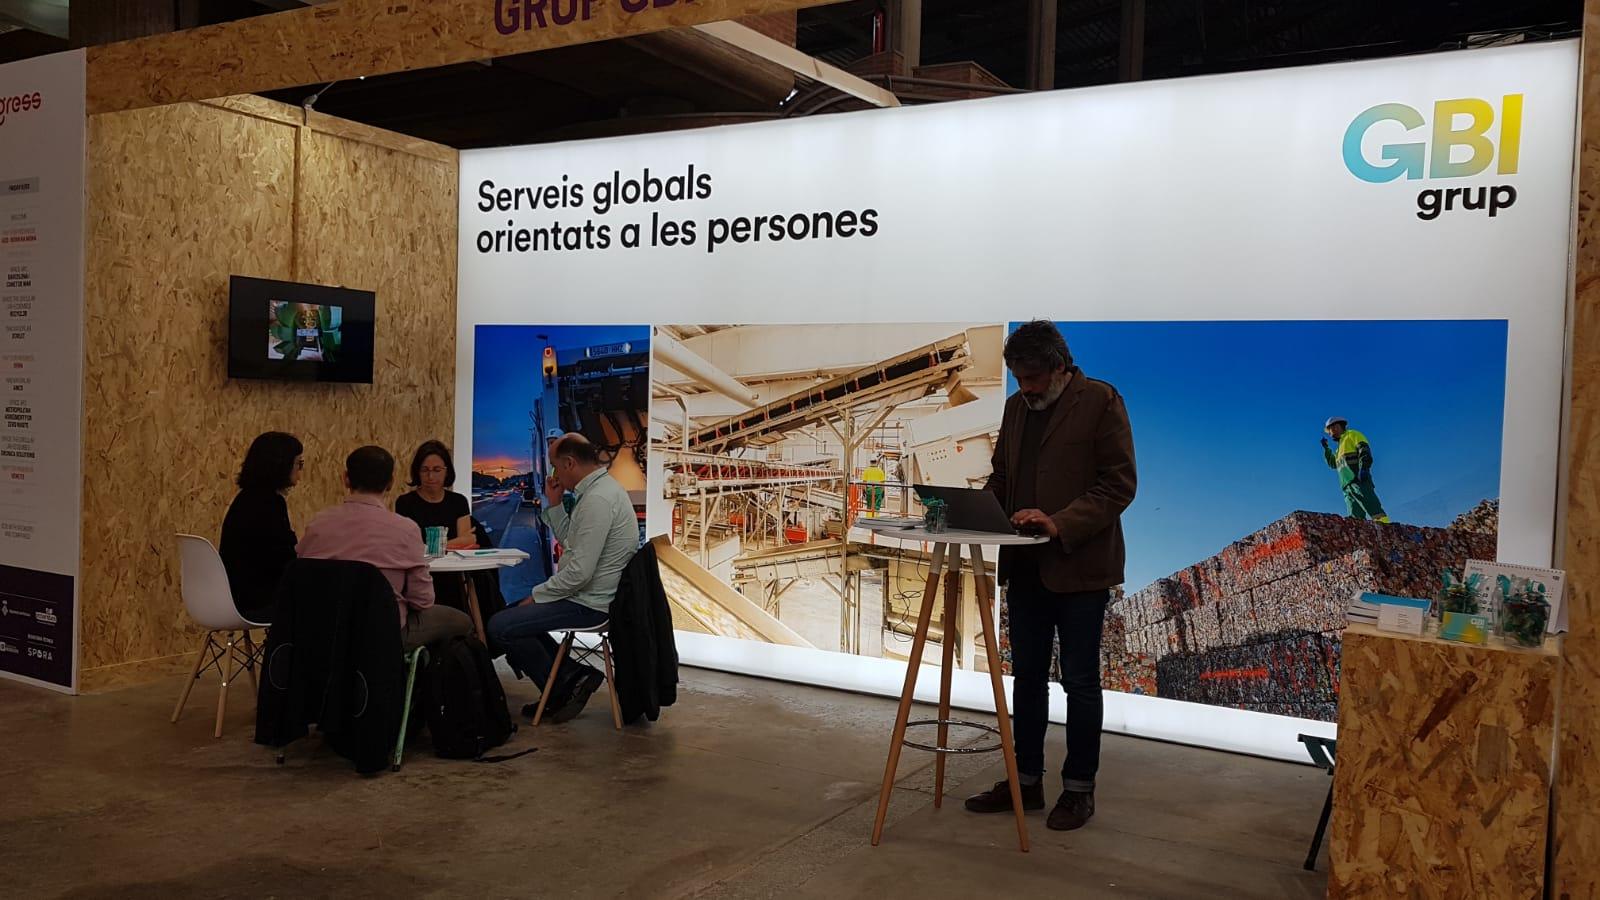 Gbi Serveis Ha Estat Present  Aquest Mes De Mars Al Fórum Internacional  Waste In Progress 2019 De Gestió De Residus Municipals A Girona.